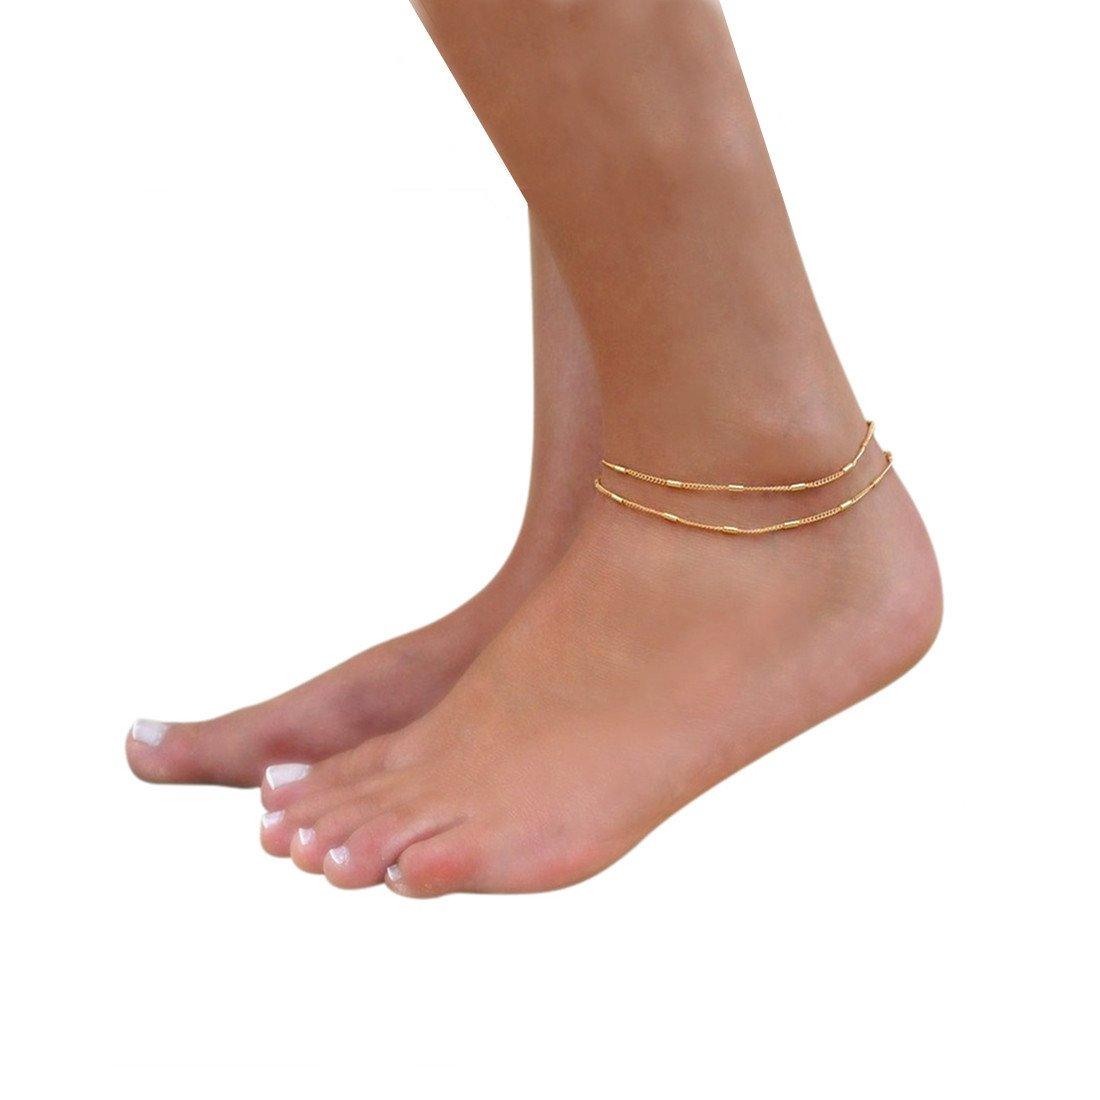 Fettero Women Handmade Dainty Anklet Silver 14K Gold Fill Boho Beach Foot Chain Adjustable Ankle Bracelet AK1-1-Two